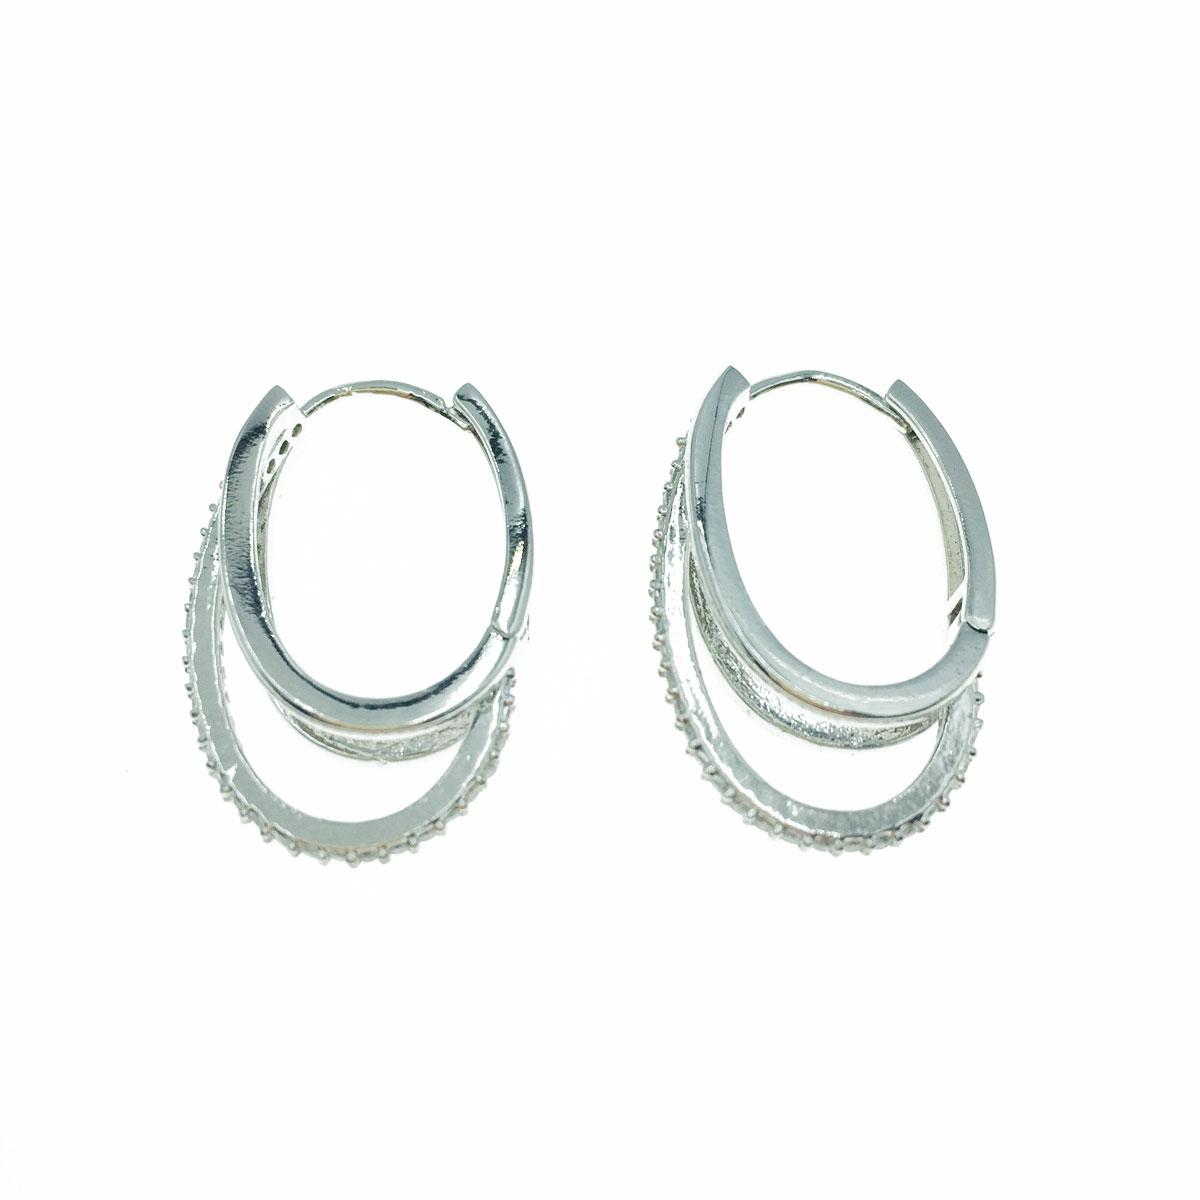 韓國 抗敏電鍍 水鑽 層次 橢圓 造型 銀色 易扣式耳環